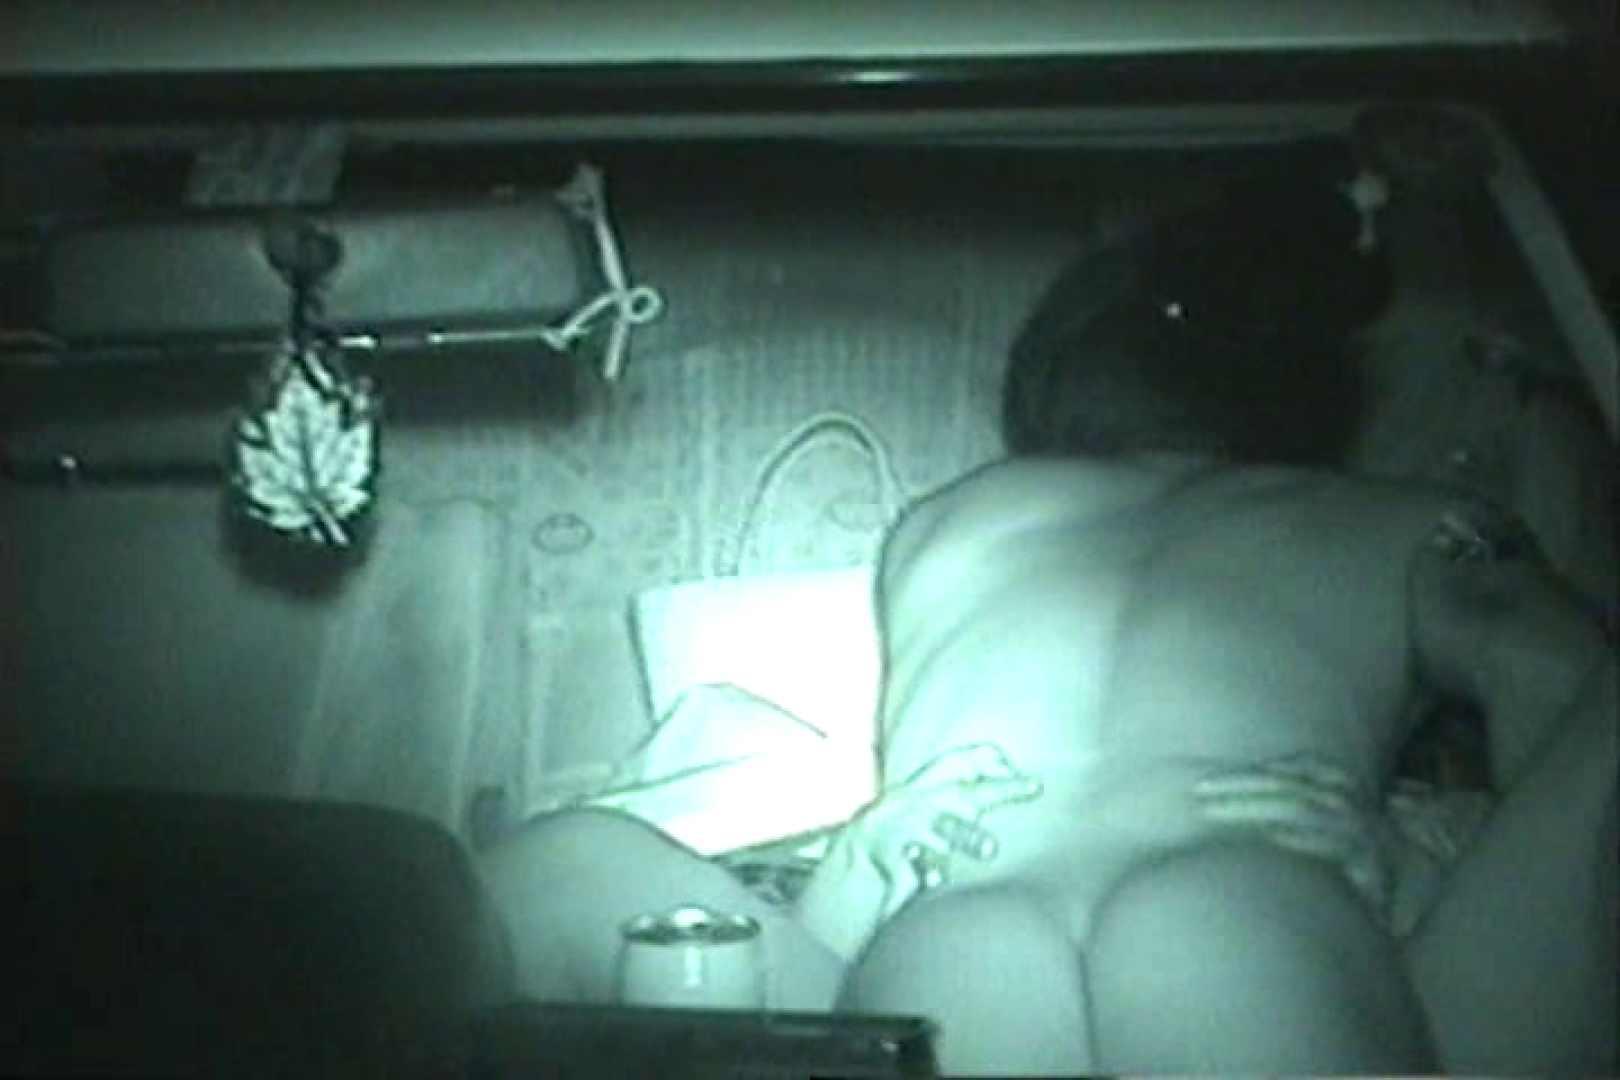 車の中はラブホテル 無修正版  Vol.23 ホテル スケベ動画紹介 81画像 13